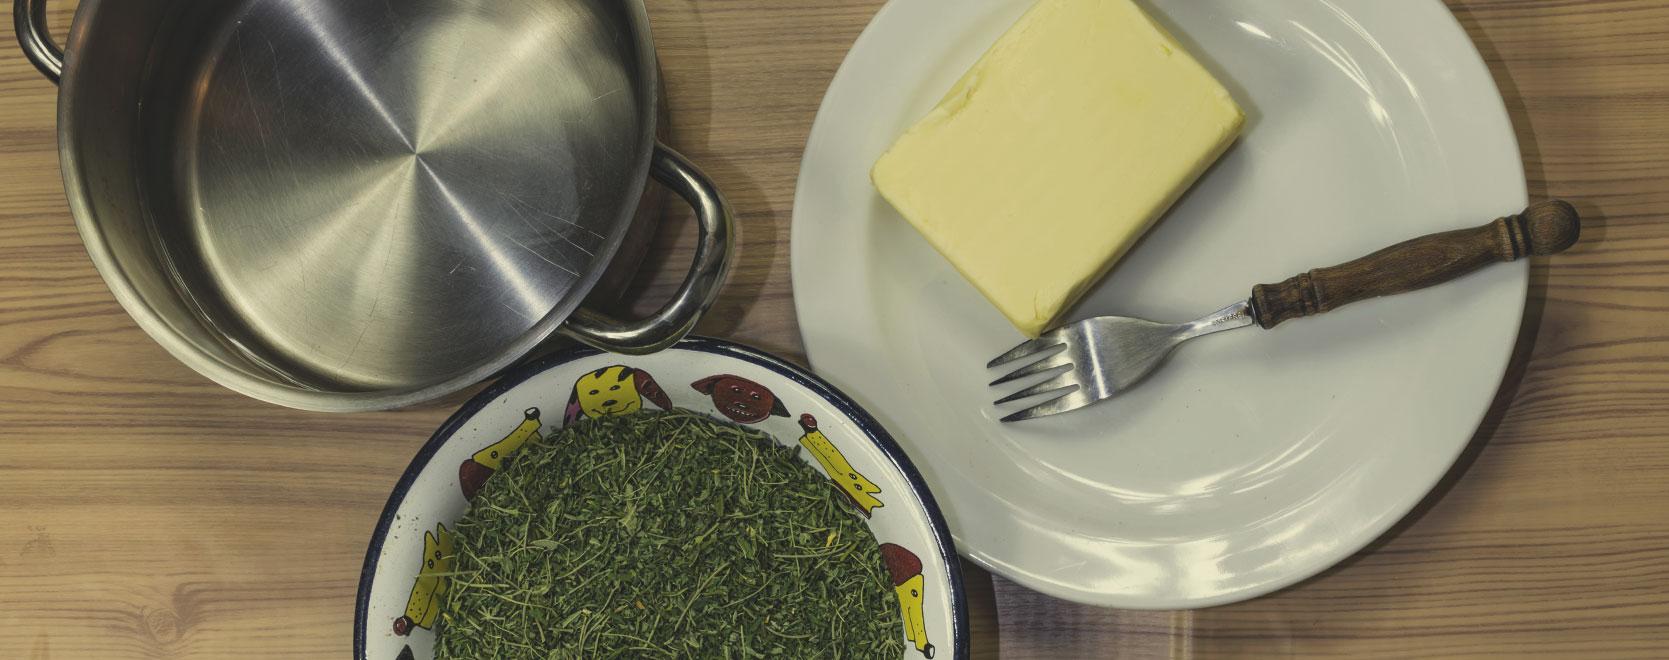 Endroit Pour Cuisiner, Acheter Tous Les Ingrédients Et Hacher Votre Matière De Base